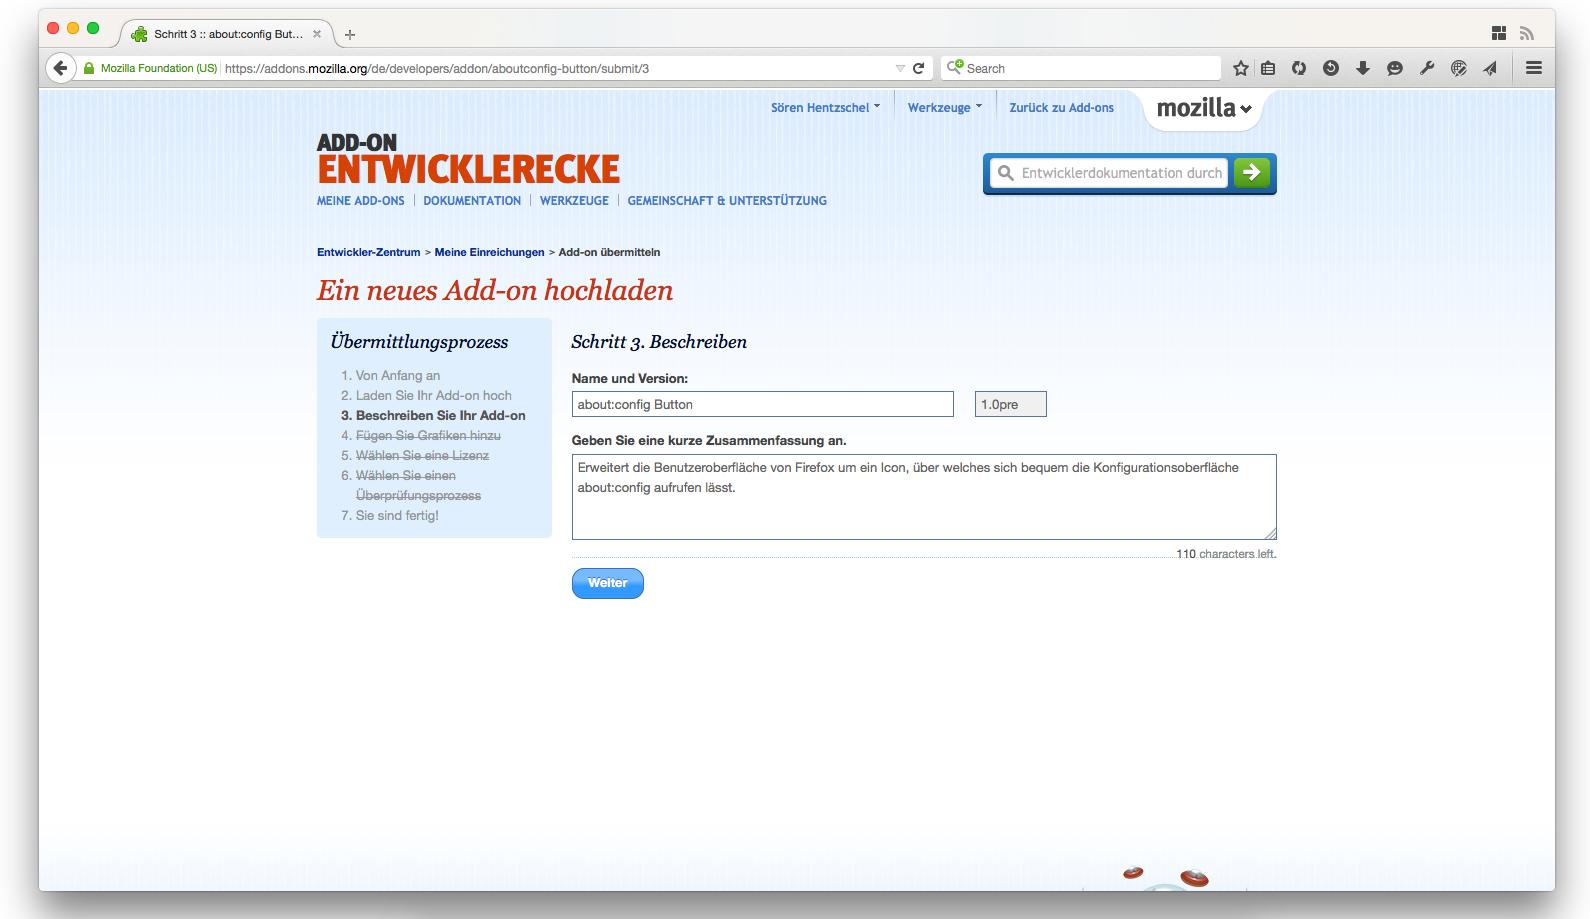 Deaktivieren firefox addons verifizierung Firefox Rechtschreibefunktion